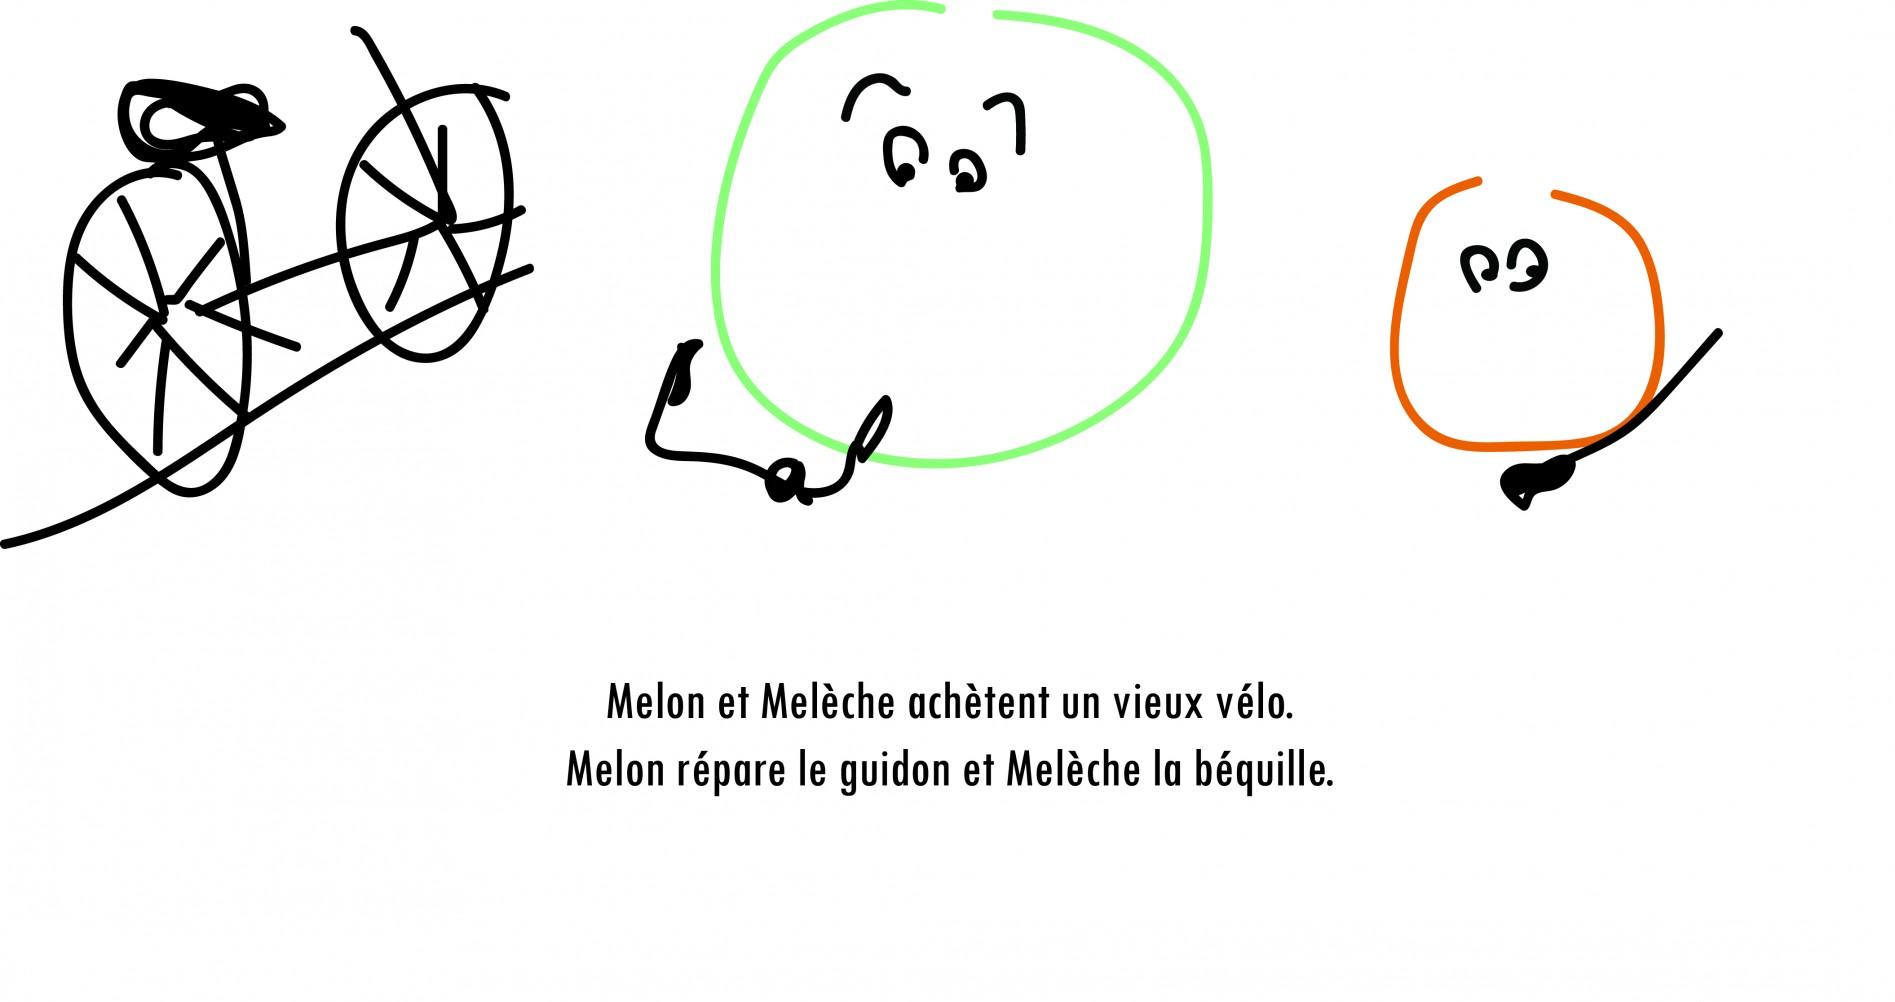 melonmeleche_velo